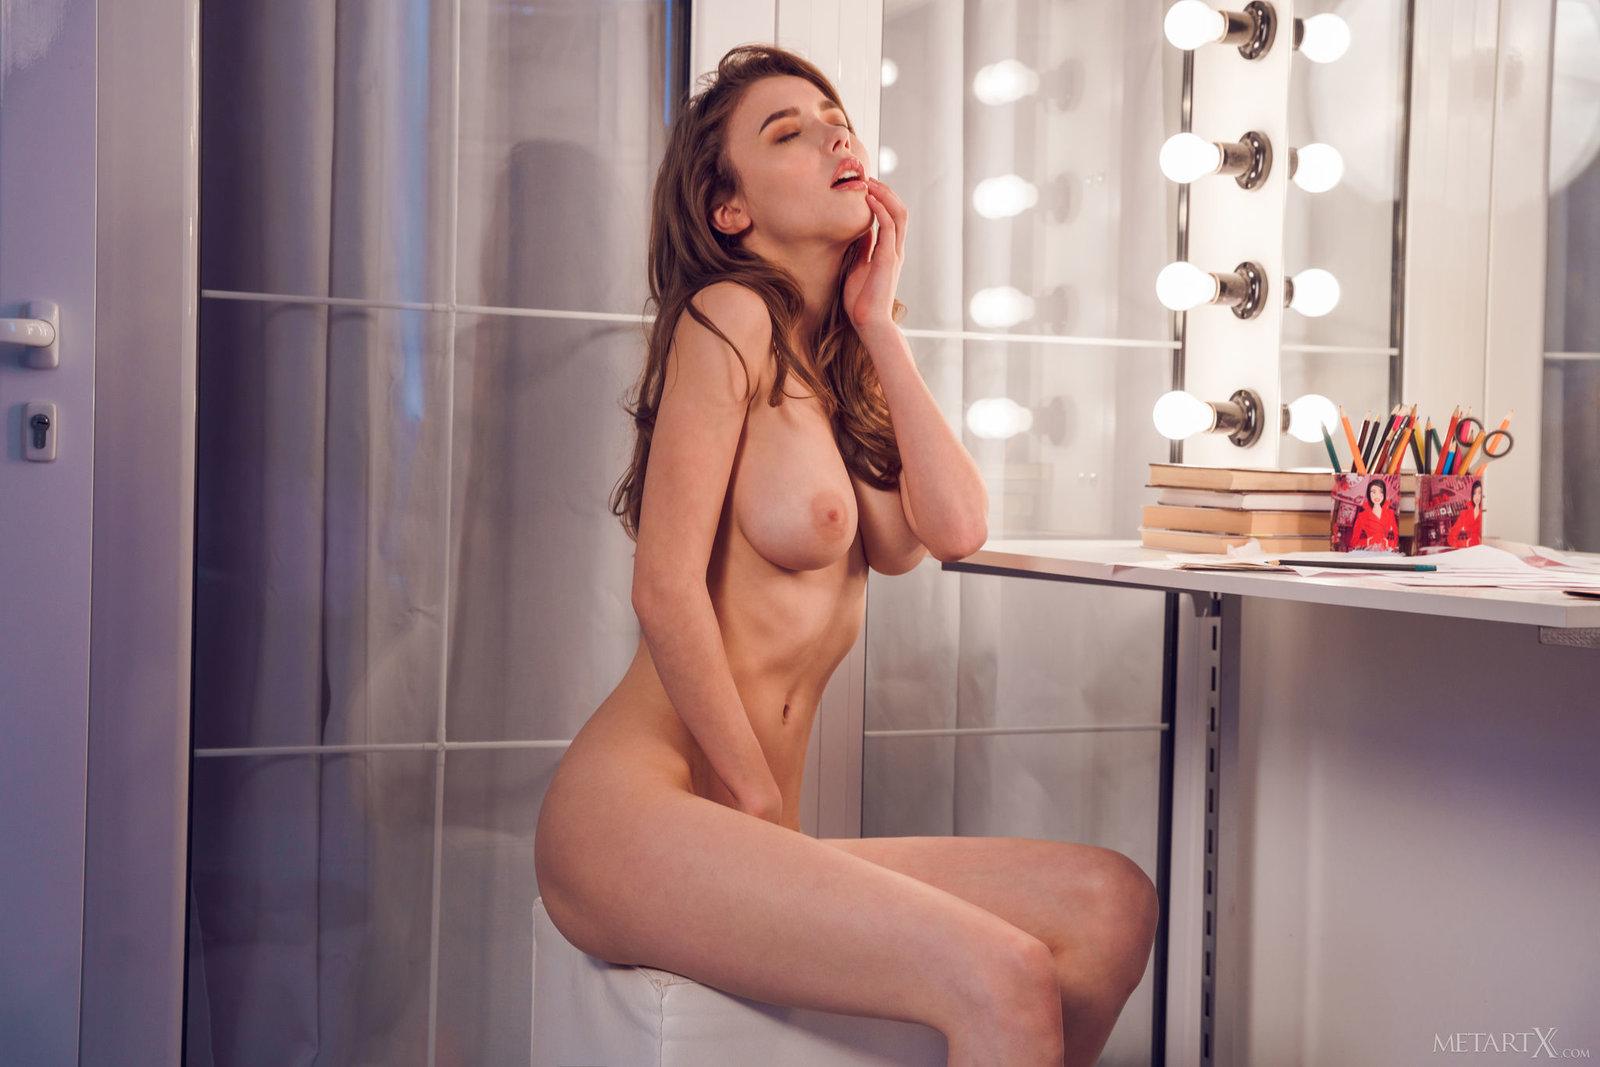 Zdjęcie porno - 143 - Laska zdejmuje spódniczkę